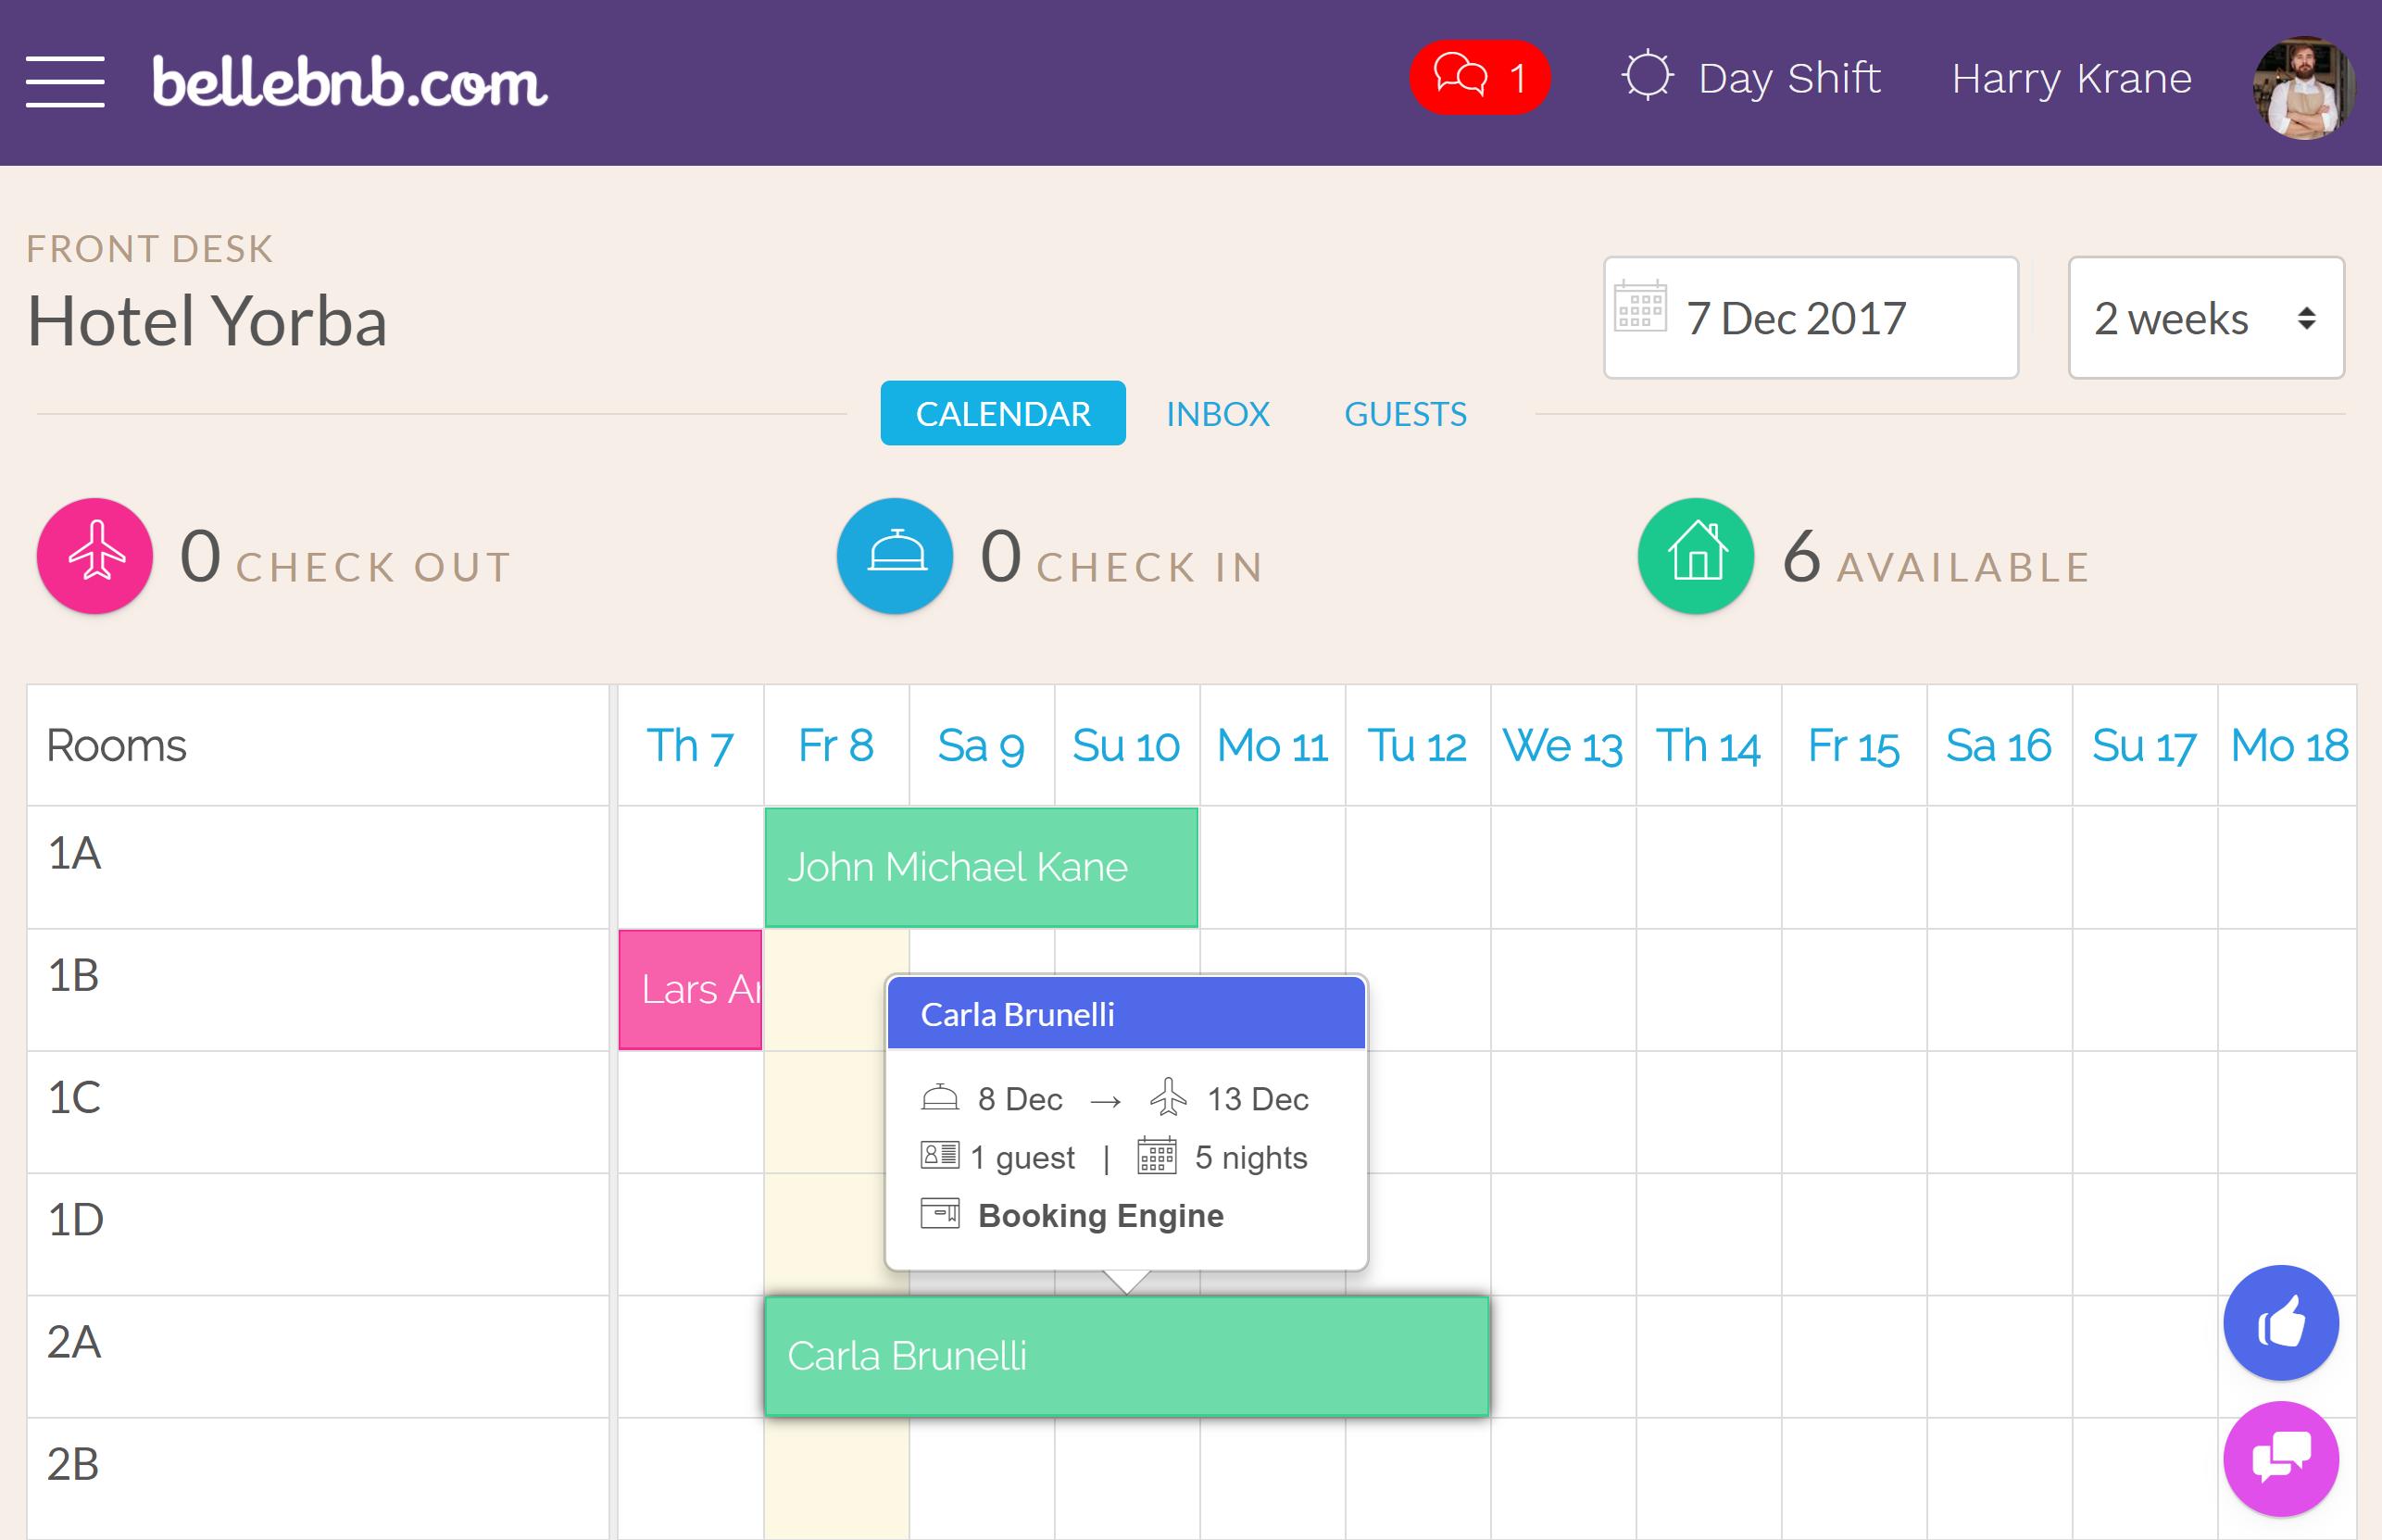 次に、チェックインを完了するには、チェックイン (またはアクション > チェックイン) をクリックします。あなたは、それがチェックインされたことを示すために、あなたのカレンダーで緑色になっている予約が表示されます、そして、それは、あなたの Inbox で今日のチェックとしてリストアップされなくなりました。